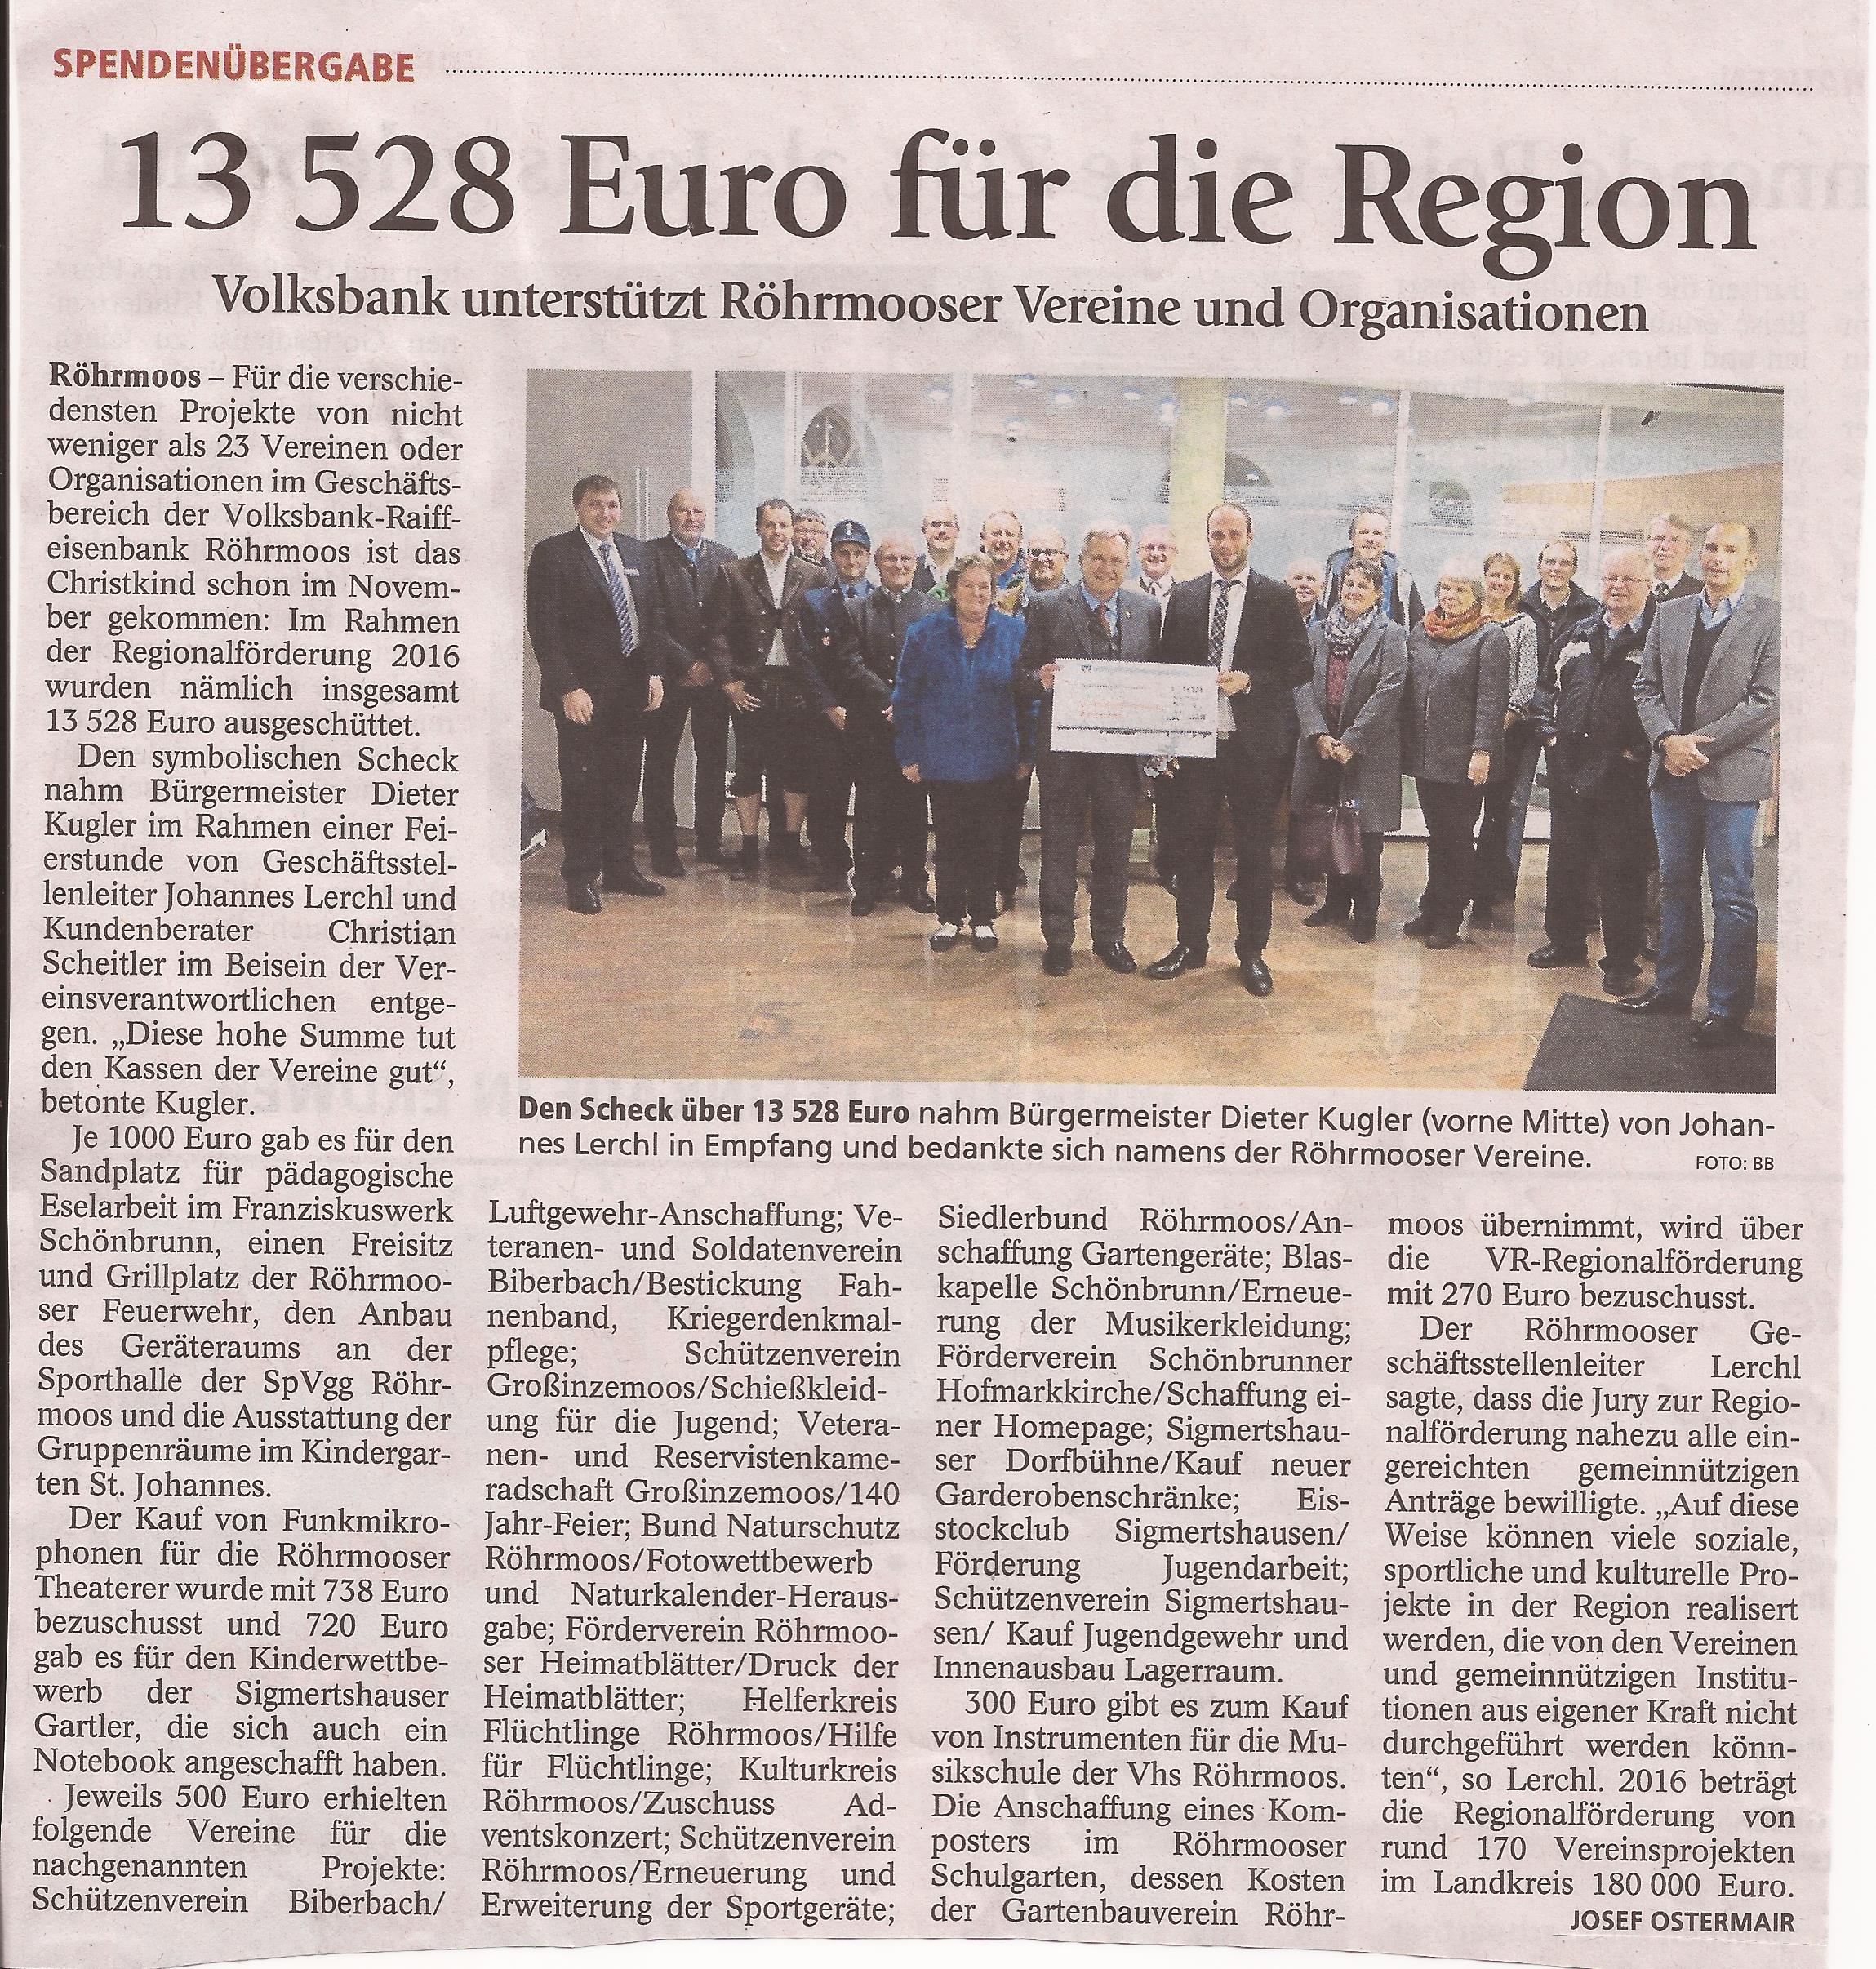 2016-11-25-volksbank-unterstuetzt-roehrmooser-vereine